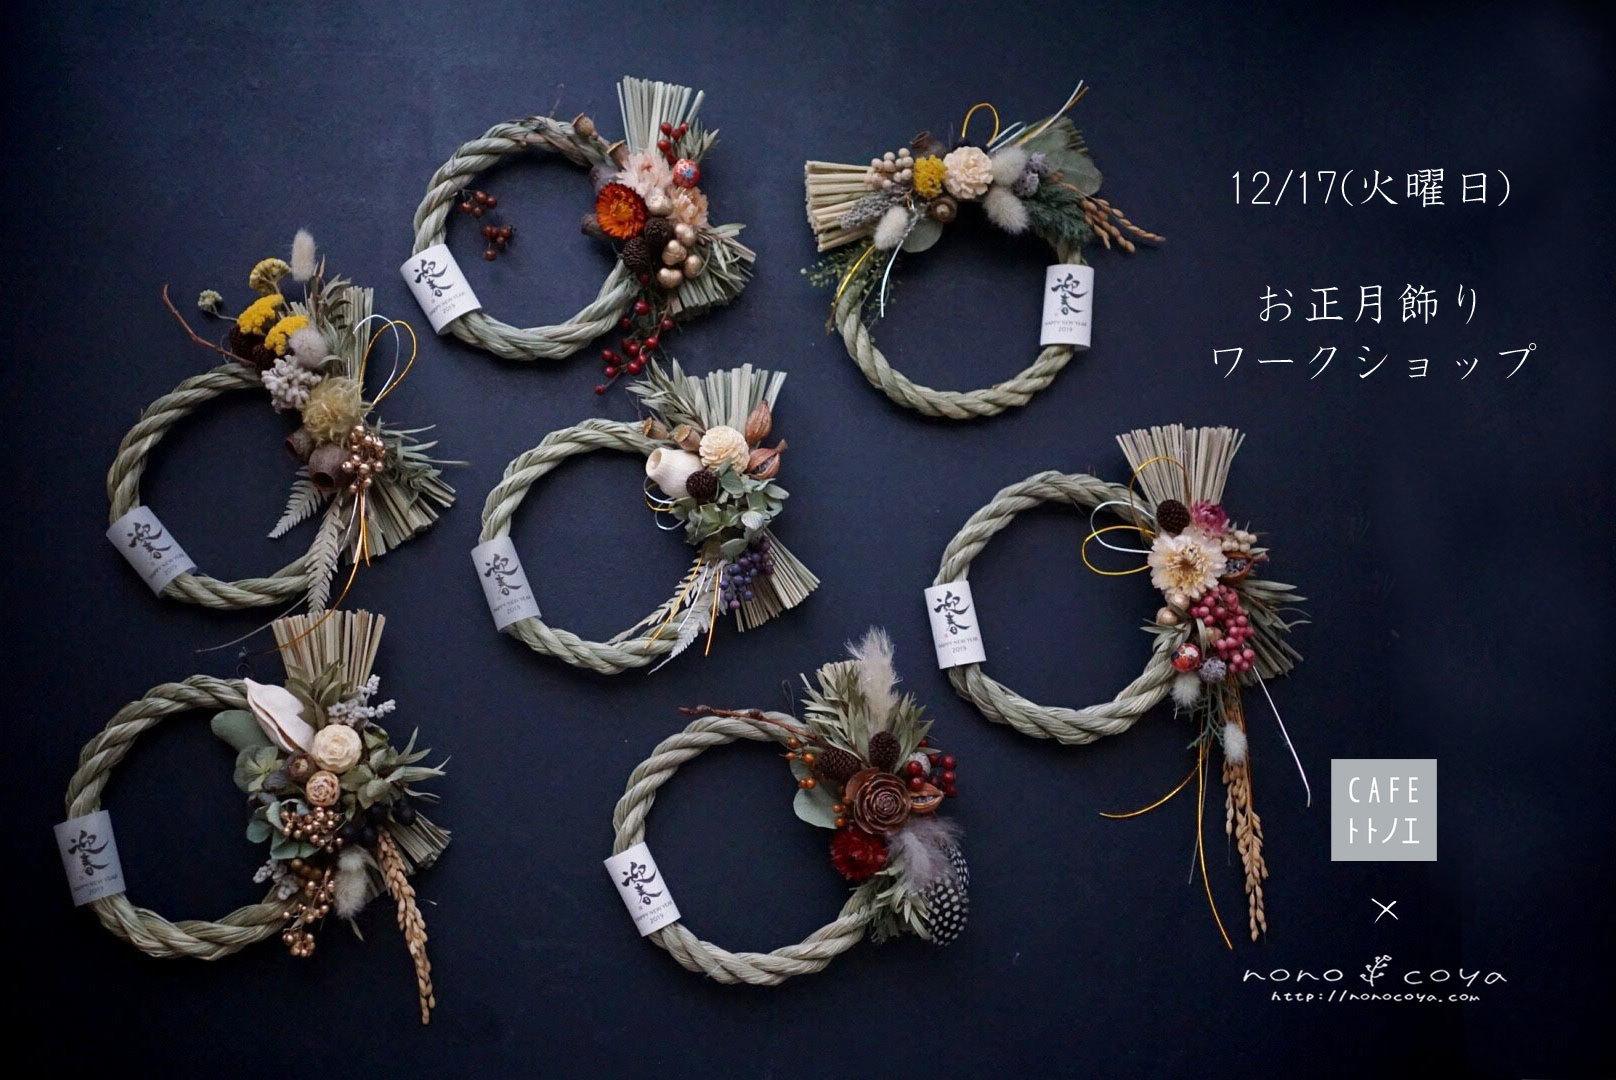 ののこやさんの「お正月飾りと毛糸玉アレンジメントと花餅ワークショップ」のお知らせ_a0325273_20435672.jpg